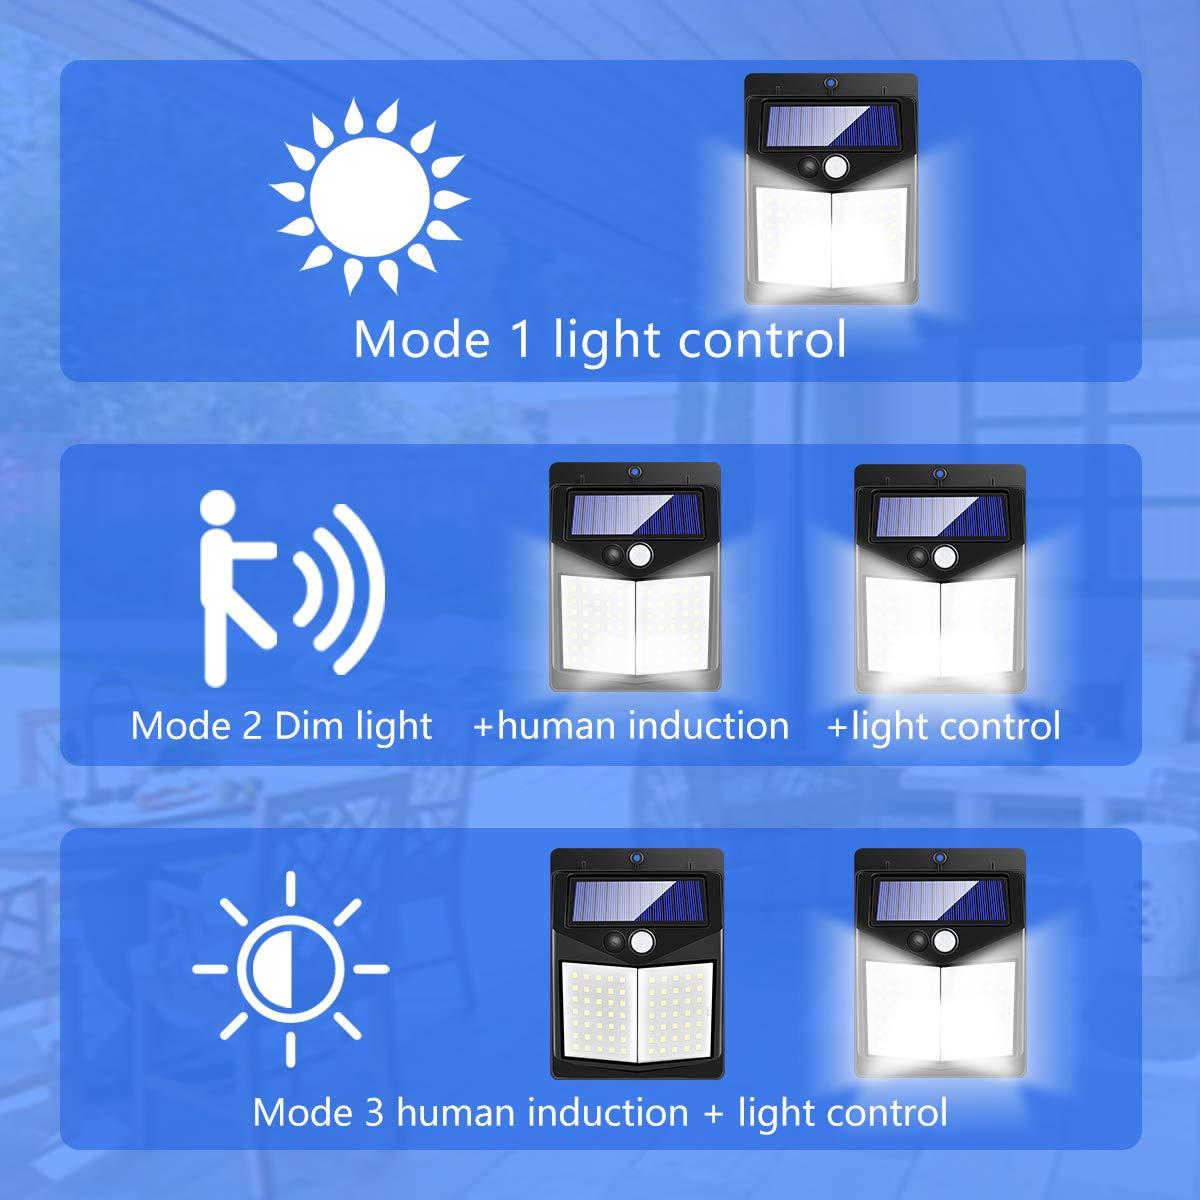 1800mAh Solarleuchte f/ür Au/ßen Priksia 70 LED Solarlampe Superhelle Solarleuchte Garten mit Bewegungsmelder Sicherheitswandleuchte Wandleuchte 3 Modi Wasserdichte Solarleuchten Garten